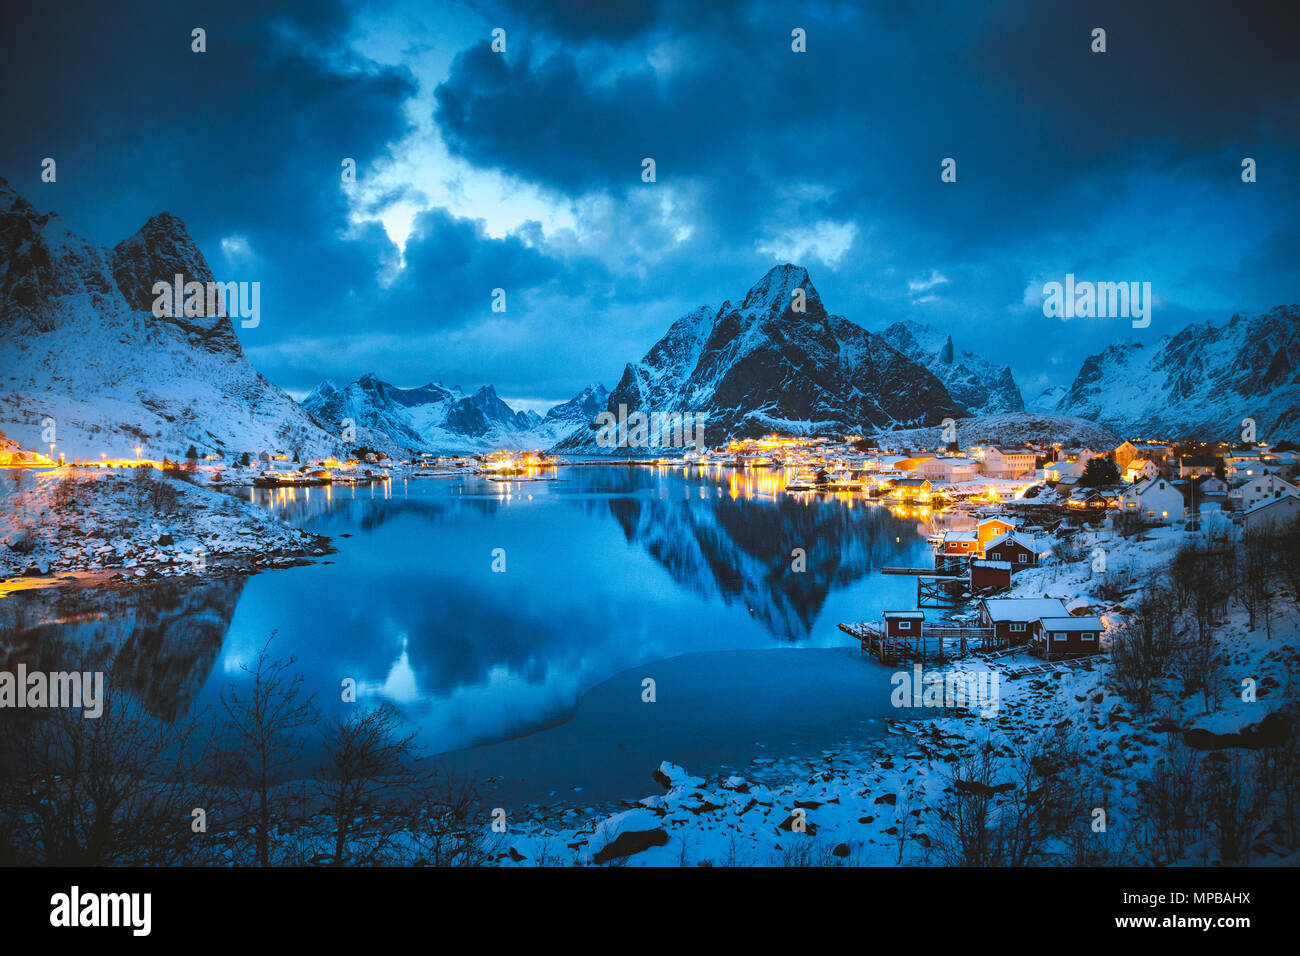 Vista clásica de la famosa aldea de pescadores de Reine con Olstinden pico en el fondo en la mágica noche de invierno crepúsculo, Islas Lofoten, Noruega Foto de stock